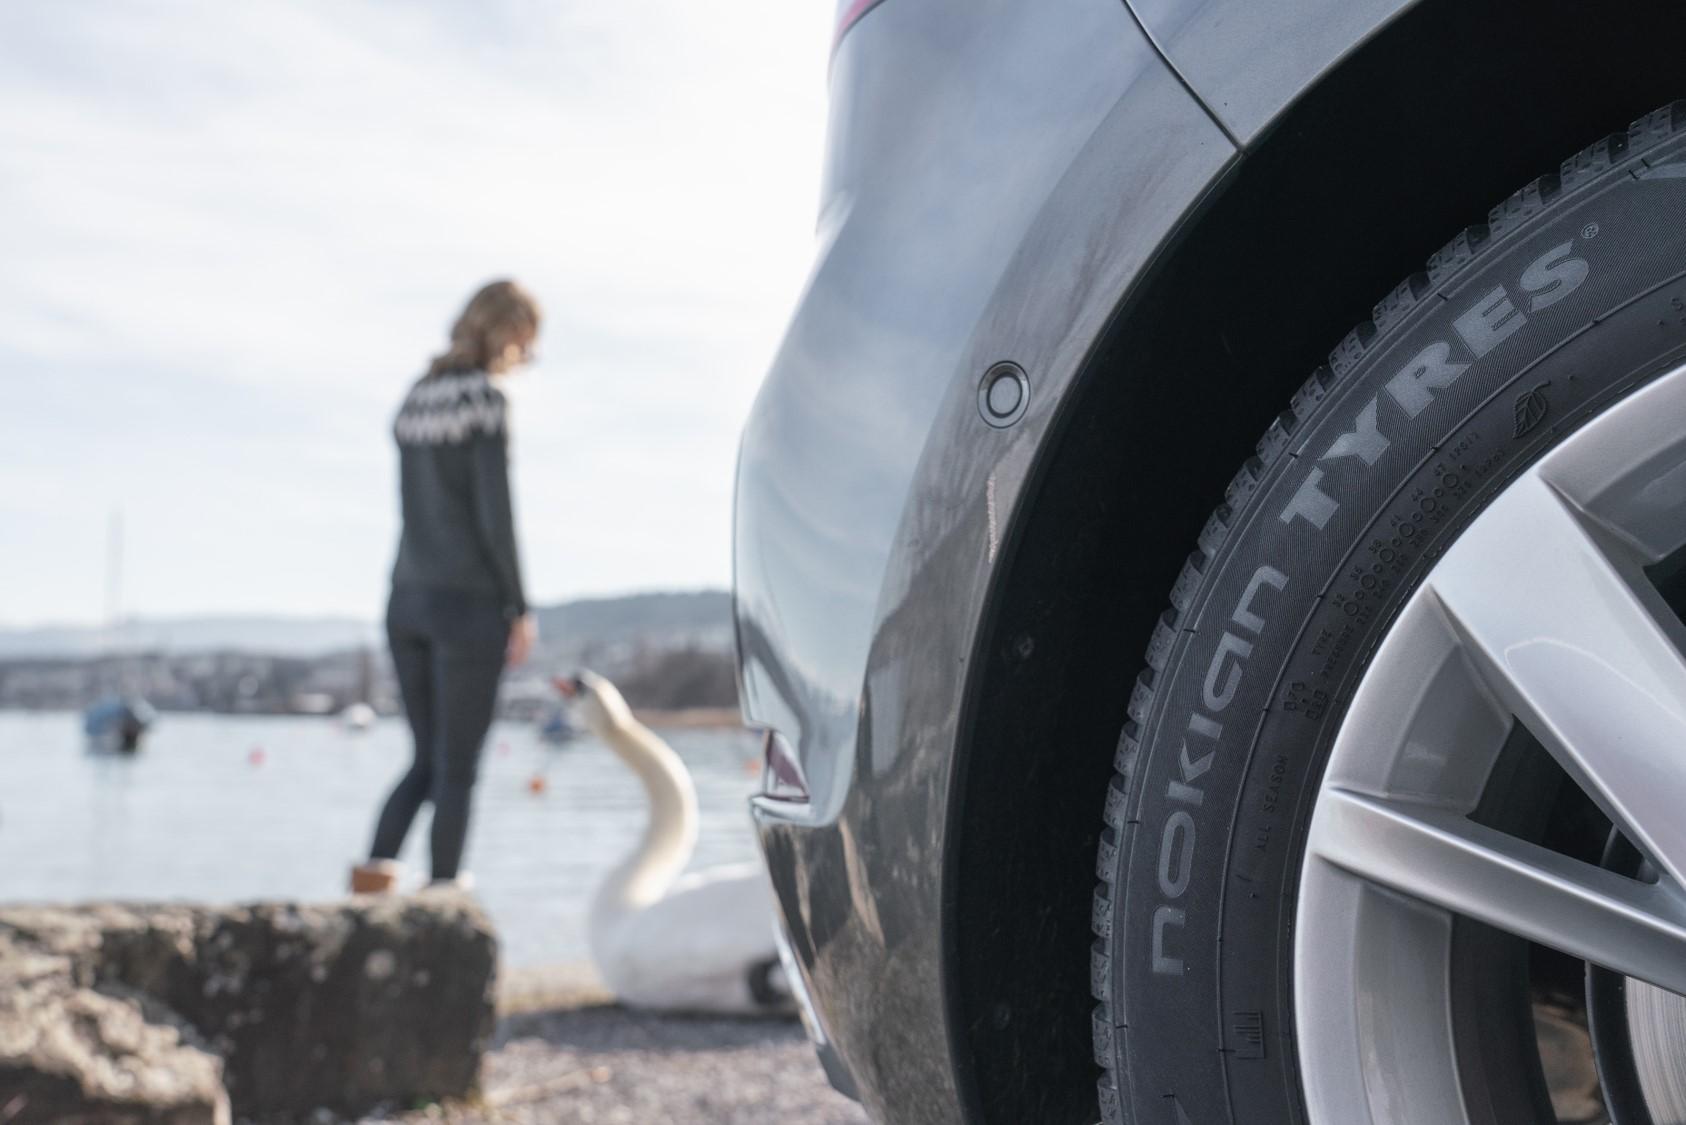 Noile anvelope Nokian Seasonproof și Nokian Seasonproof SUV oferă siguranță deplină pe tot parcursul anului - Articole anvelope iarna, vara, all season